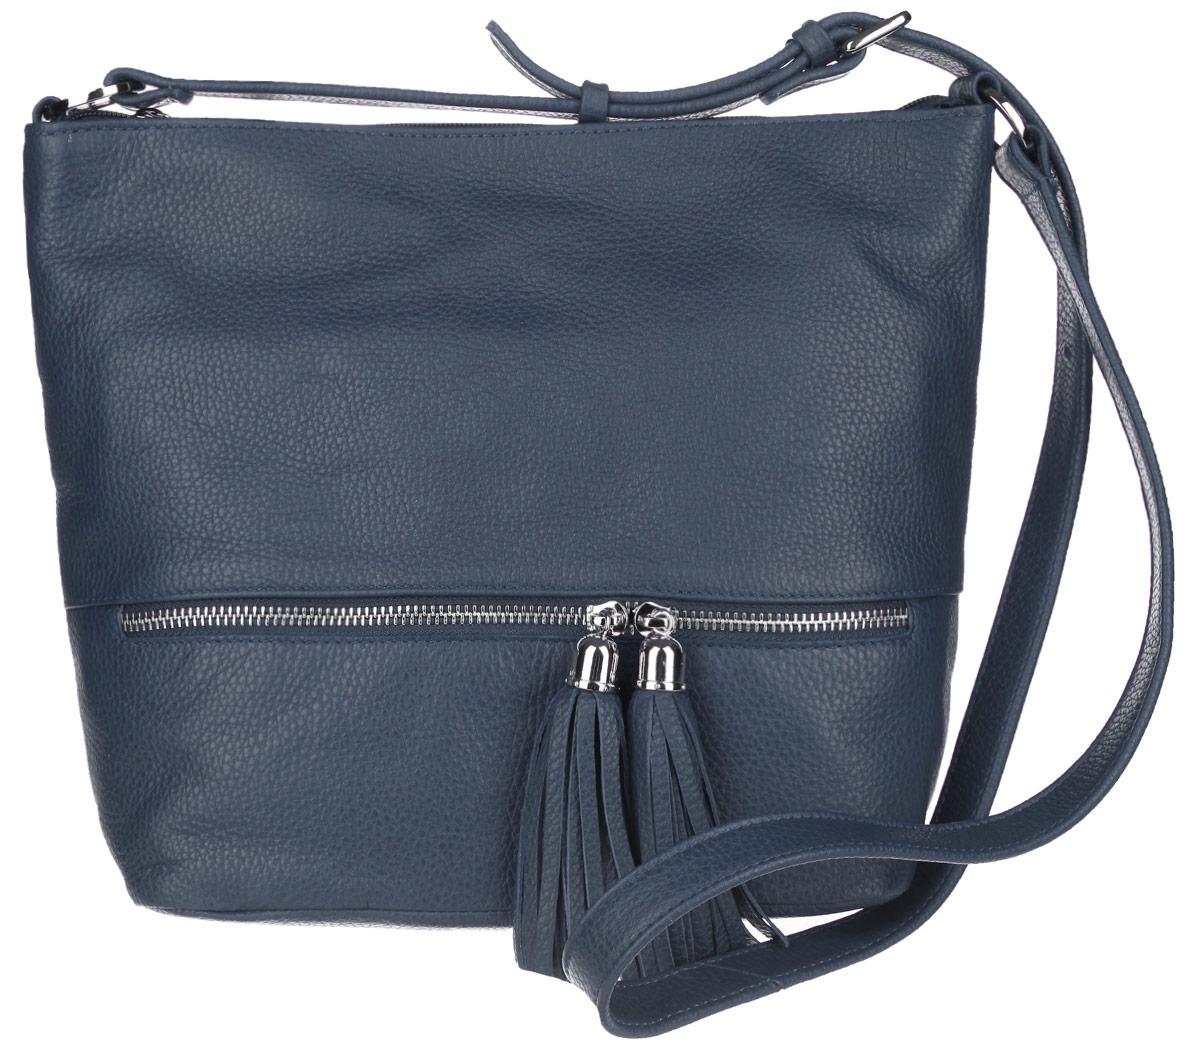 Сумка женская Afina, цвет: синий. 220220 СинийСтильная женская сумка Afina выполнена из натуральной кожи с фактурным тиснением. Сумка имеет одно основное отделение, которое закрывается на застежку-молнию. Внутри находятся два накладных открытых кармашка, прорезной карман на застежке-молнии и накладной открытый карман с отделением на застежке-молнии. Снаружи, на задней и передней стенках расположены прорезные карманы на застежках-молниях. Спереди прорезной карман оформлен двумя бегунками с подвесками. Сумка оснащена плечевым ремнем, который регулируется по длине. В комплект входит фирменный пакет. Роскошная сумка внесет элегантные нотки в ваш образ и подчеркнет ваше отменное чувство стиля.